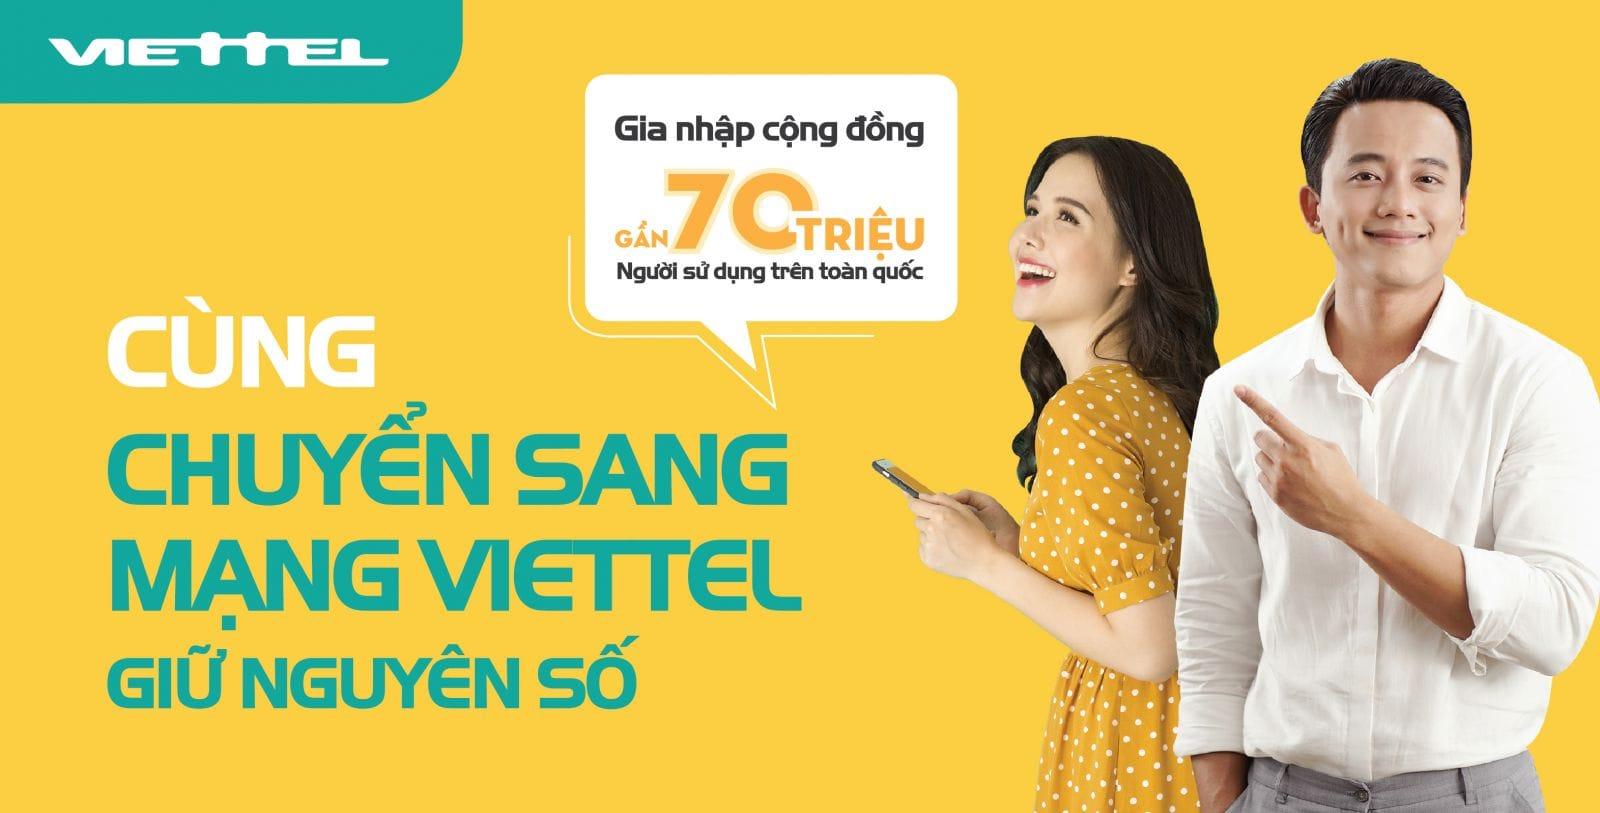 Doi Dau So 0167 Nha Mang Viettel Tien Lien Lac